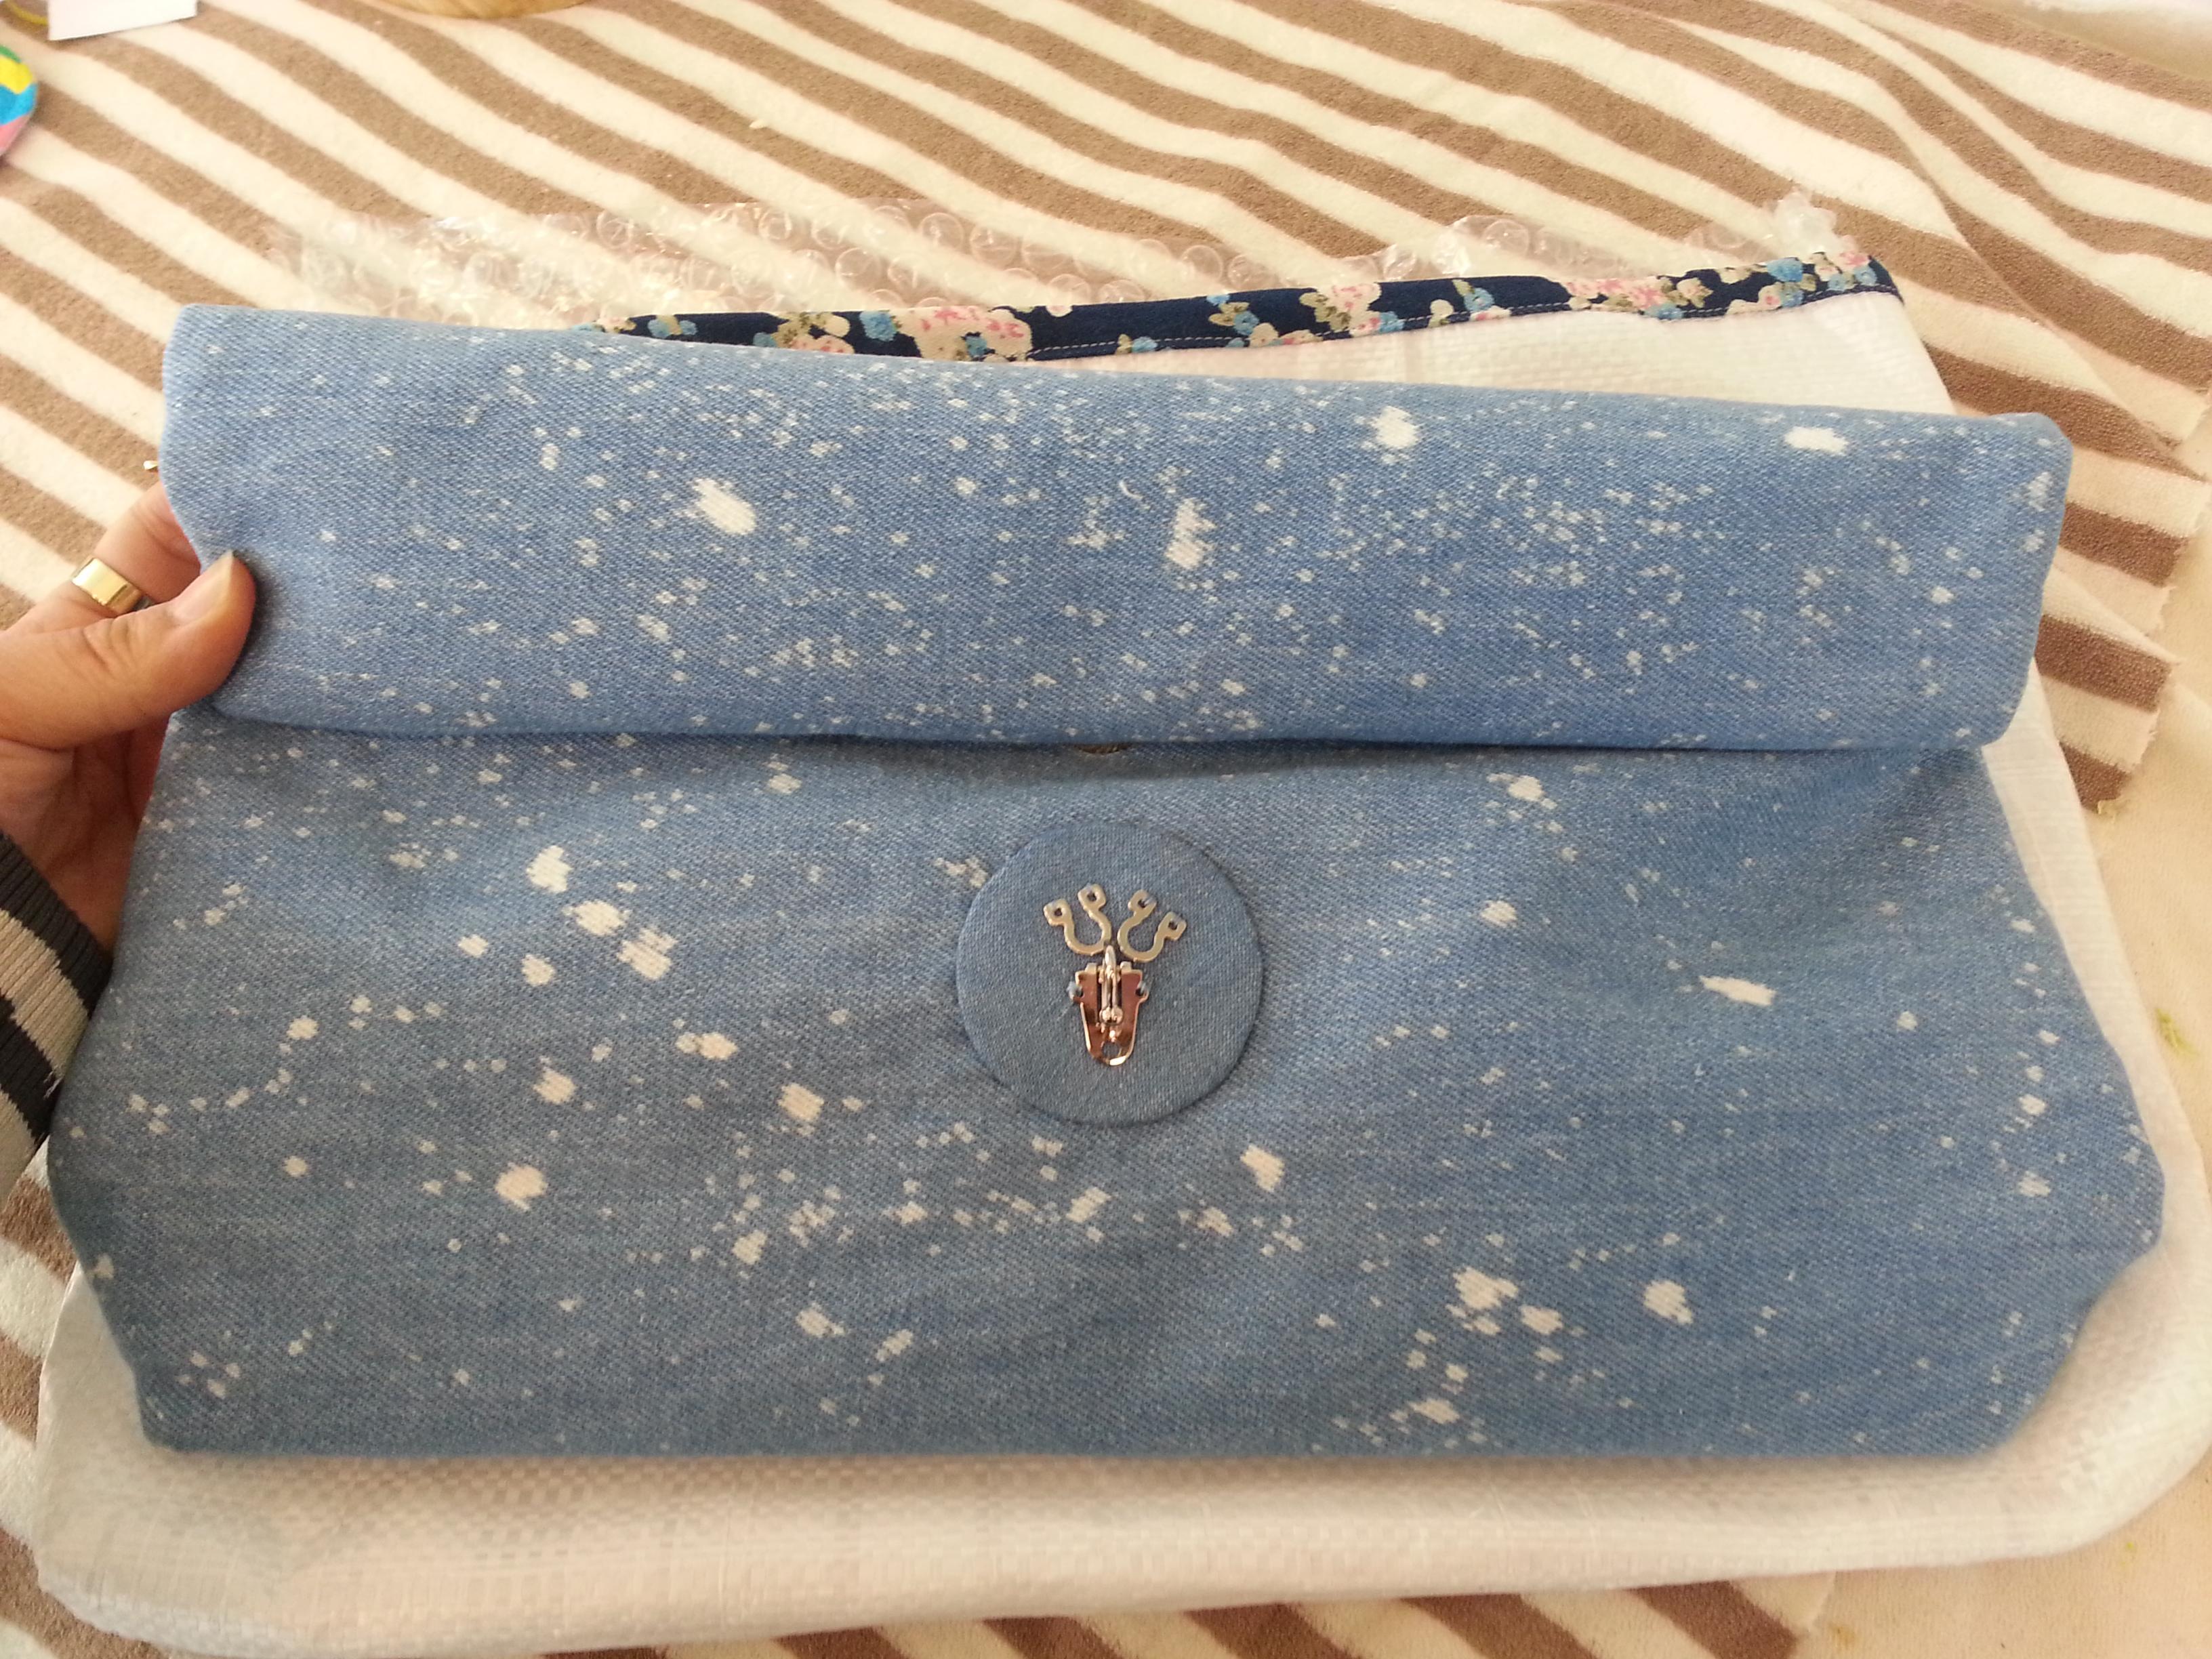 90b46f7268 벚꽃 데님 파우치 베이비 블루 색상 주문했습니다.